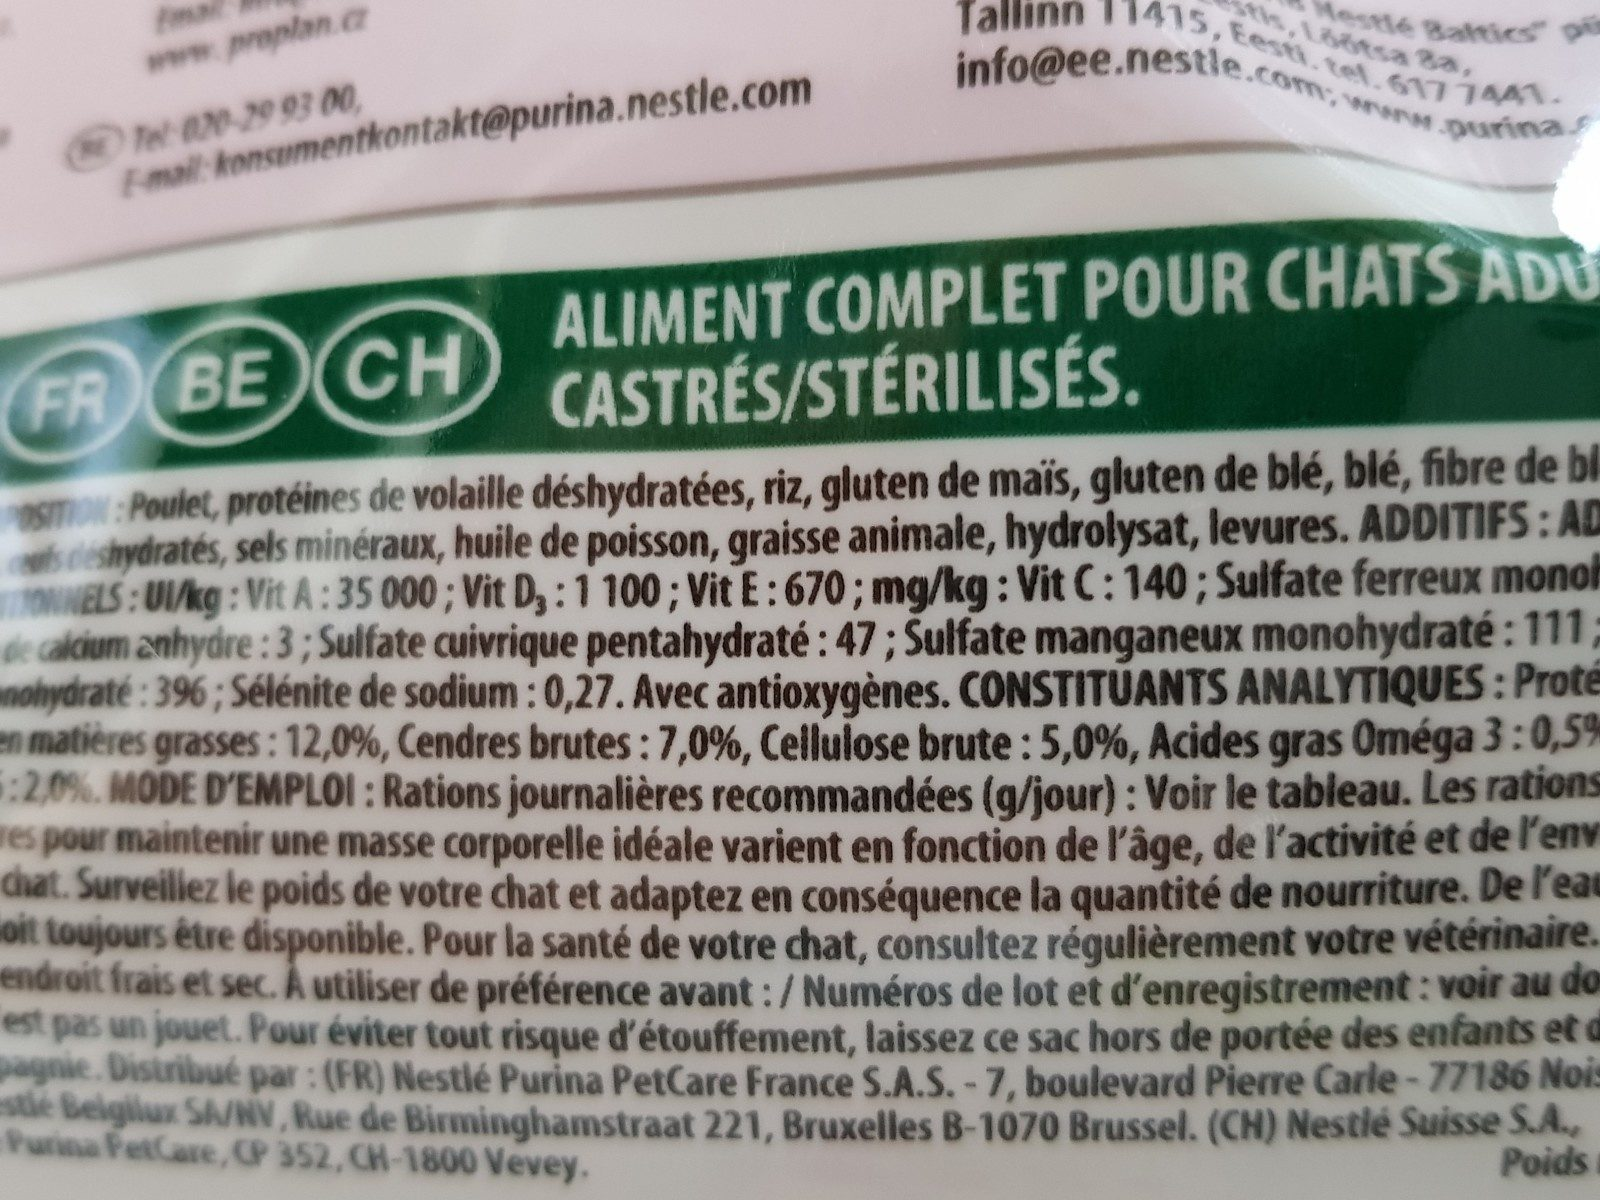 Croquette pour chat STERILISED au lapin, 3kg - Ingrédients